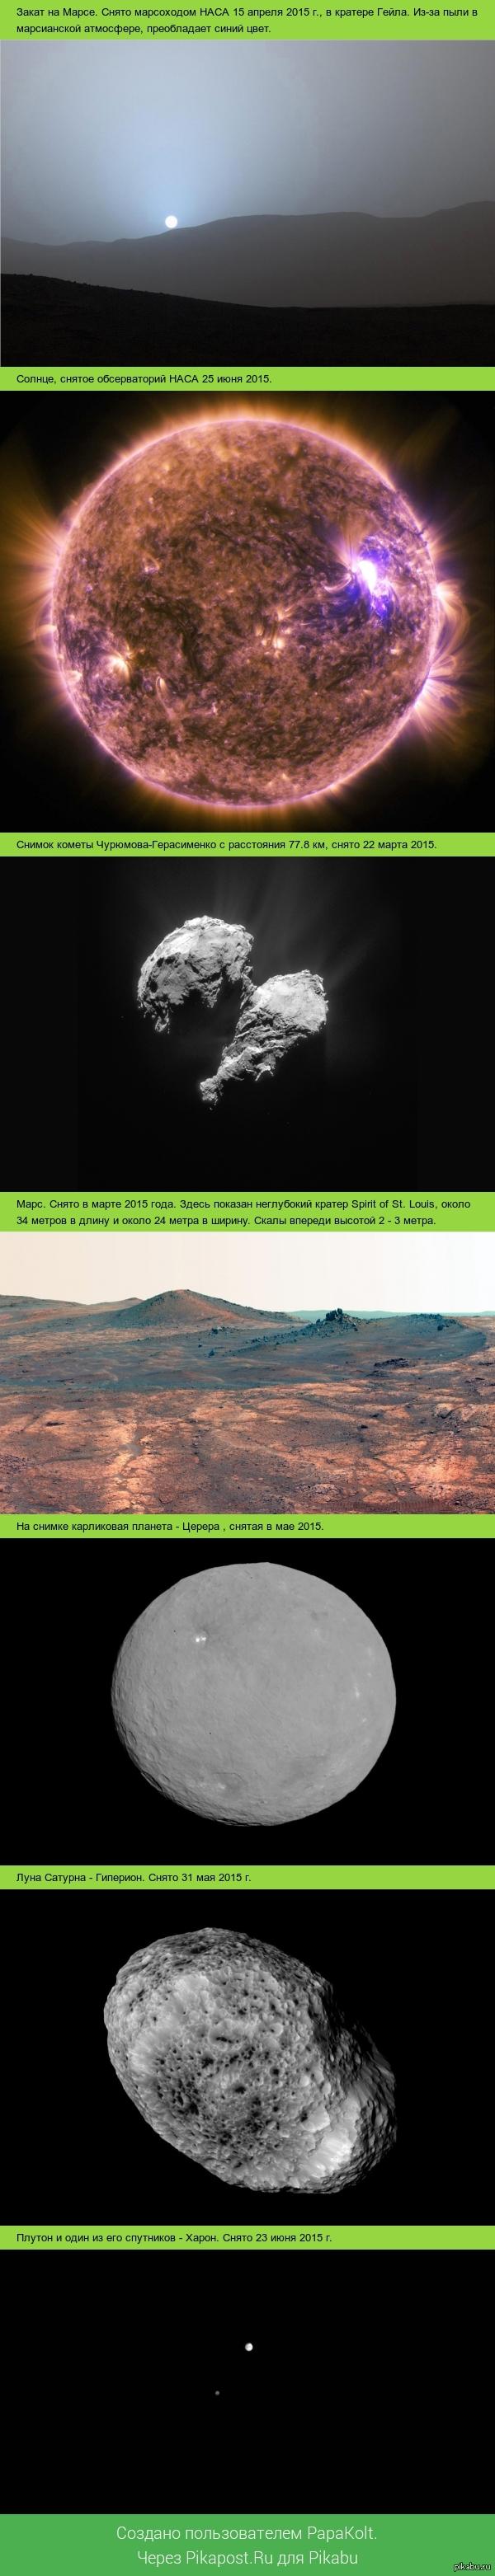 Путешествие по Солнечной системе. Источник http://www.theatlantic.com/photo/2015/06/a-trip-around-the-solar-system/396872/